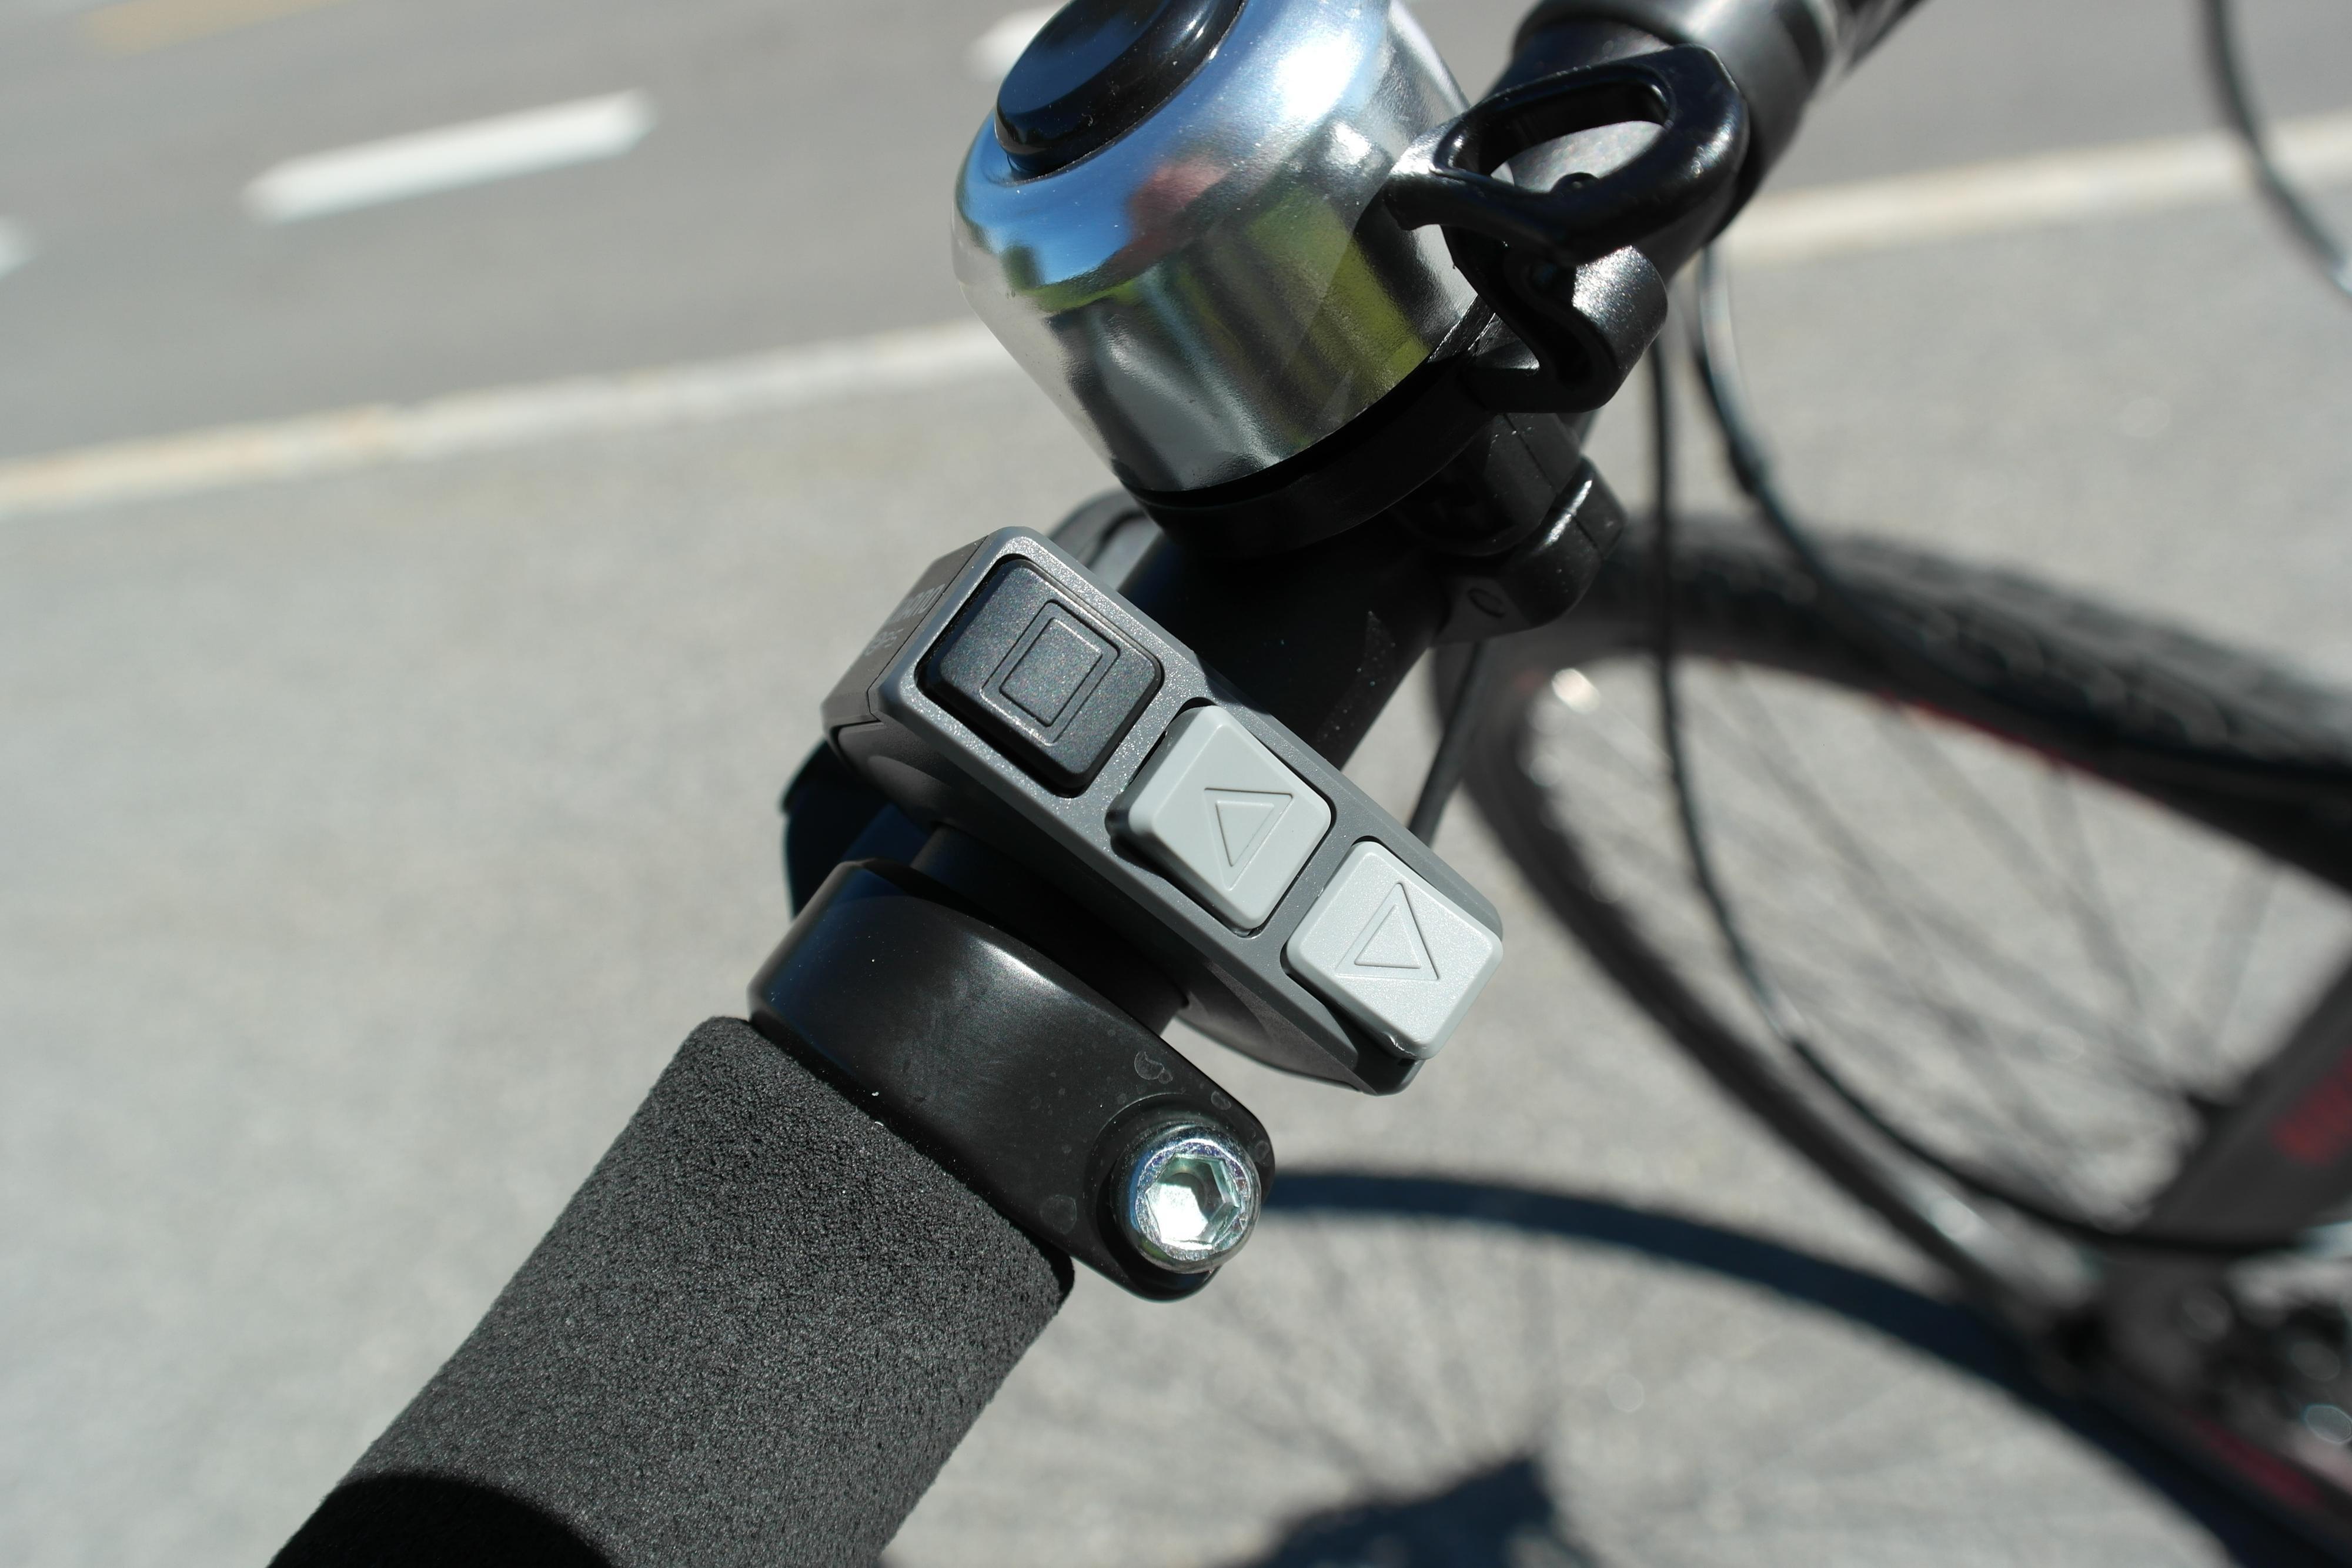 Enkel justering av motorassistanse gjorde SC-E Comp spesielt trafikksikker.